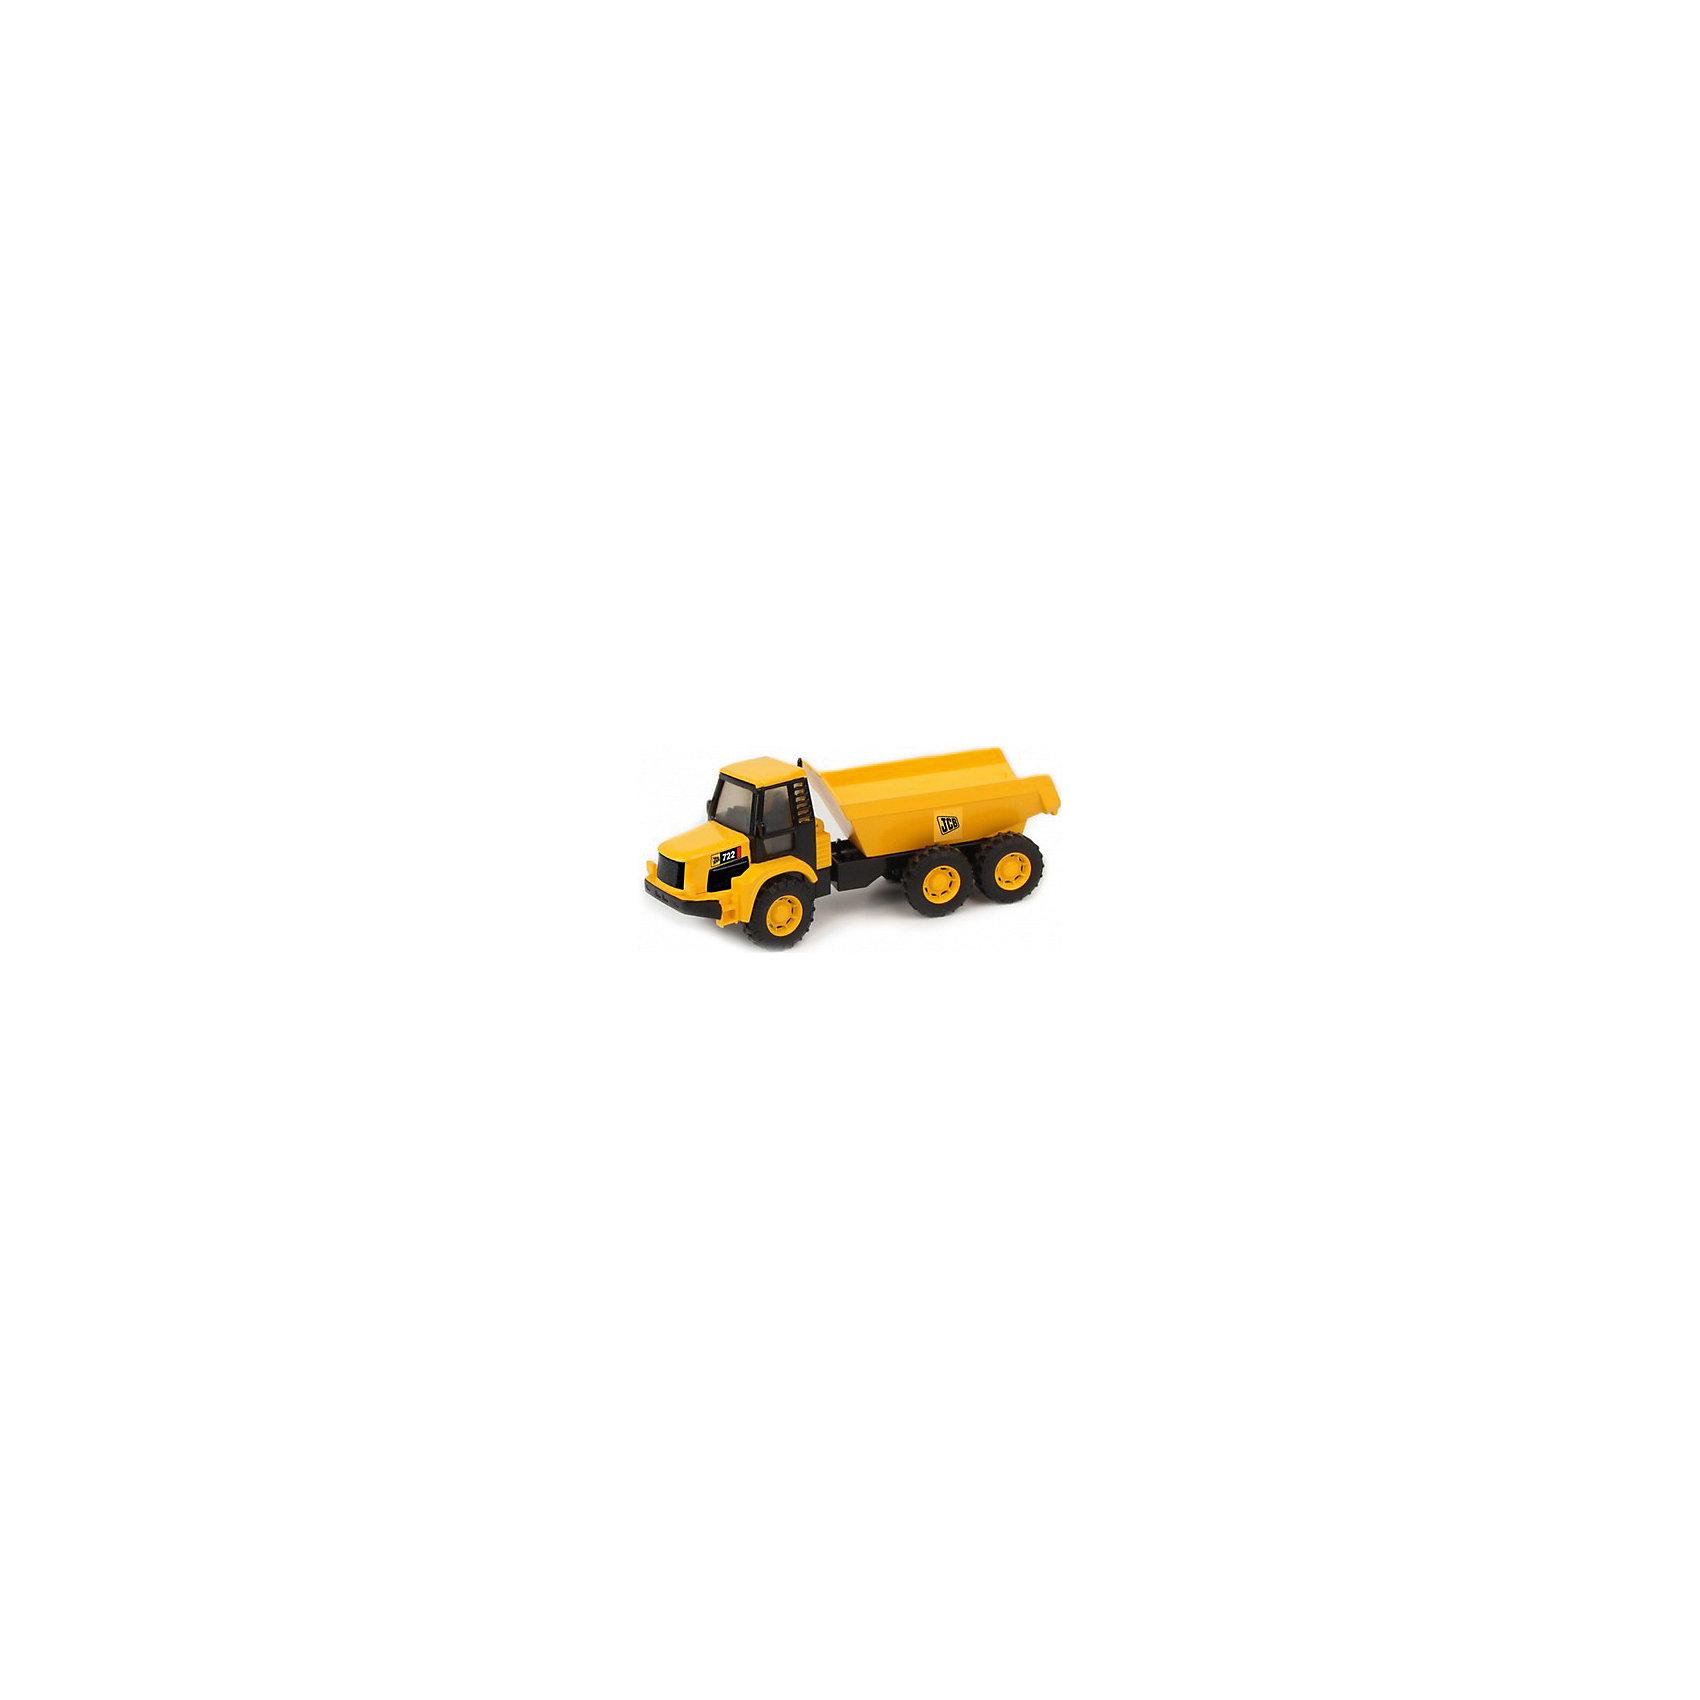 Самосвал, JCBМашинки<br>Самосвал, JCB - это уменьшенная модель настоящей строительной техники от компании JCB, выполненная в высоком качестве и с большим вниманием к деталям. В этой модели есть все основные функции, которыми обладает реальная машина. Самосвал оснащен просторной застекленной кабиной с сиденьем водителя. Вместительный кузов поднимается и опускается, что делает игрушку особенно интересной для игр на улице. Кузов можно заполнять песком или мелкими предметами, а затем разгружать, как при настоящих строительных работах. У машины три мощных прорезиненных пары колес, что обеспечивает прочное сцепление с поверхностью и уберегает напольное покрытие от царапин. Игрушка изготовлена из высококачественной прочной пластмассы, можно ещё дольше играть с ней, не боясь поломок. Ваш ребенок в увлекательной форме познакомится с особенностями работы дорожно-строительной техники и откроет для себя множество новых профессий.<br><br>Дополнительная информация:<br><br>- Материал: высококачественный пластик.<br>- Масштаб 1:32.<br>- Размер игрушки: 17,5 х 6 х 7 см.<br>- Размер упаковки: 21,2 x 9,2 x 8 см.<br>- Вес: 0,221 кг.<br><br>Самосвал, JCB, можно купить в нашем интернет-магазине.<br><br>Ширина мм: 175<br>Глубина мм: 60<br>Высота мм: 70<br>Вес г: 221<br>Возраст от месяцев: 36<br>Возраст до месяцев: 96<br>Пол: Мужской<br>Возраст: Детский<br>SKU: 4244442